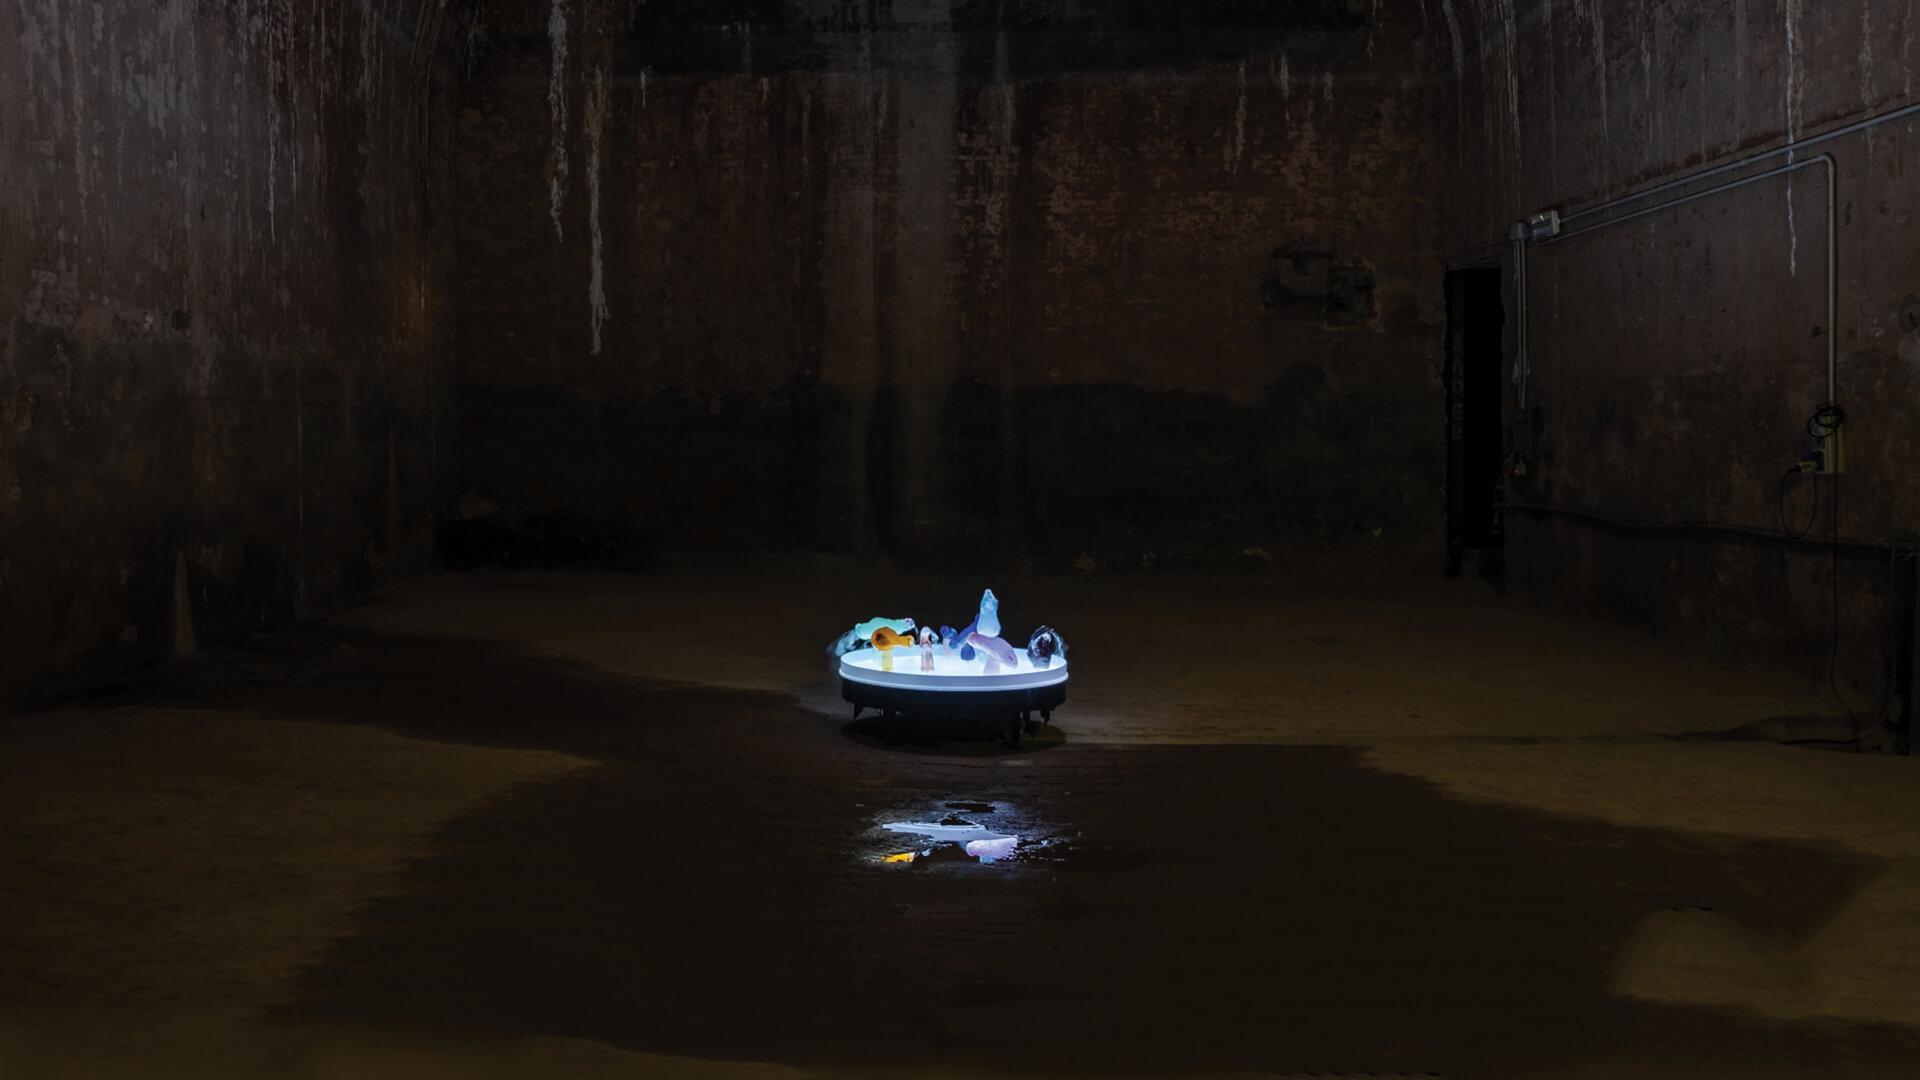 Marco Giordano, Interlude, on view at the Cisterne di Palazzo Pubblico, San Marino | Thomas Montalti| STIRworld